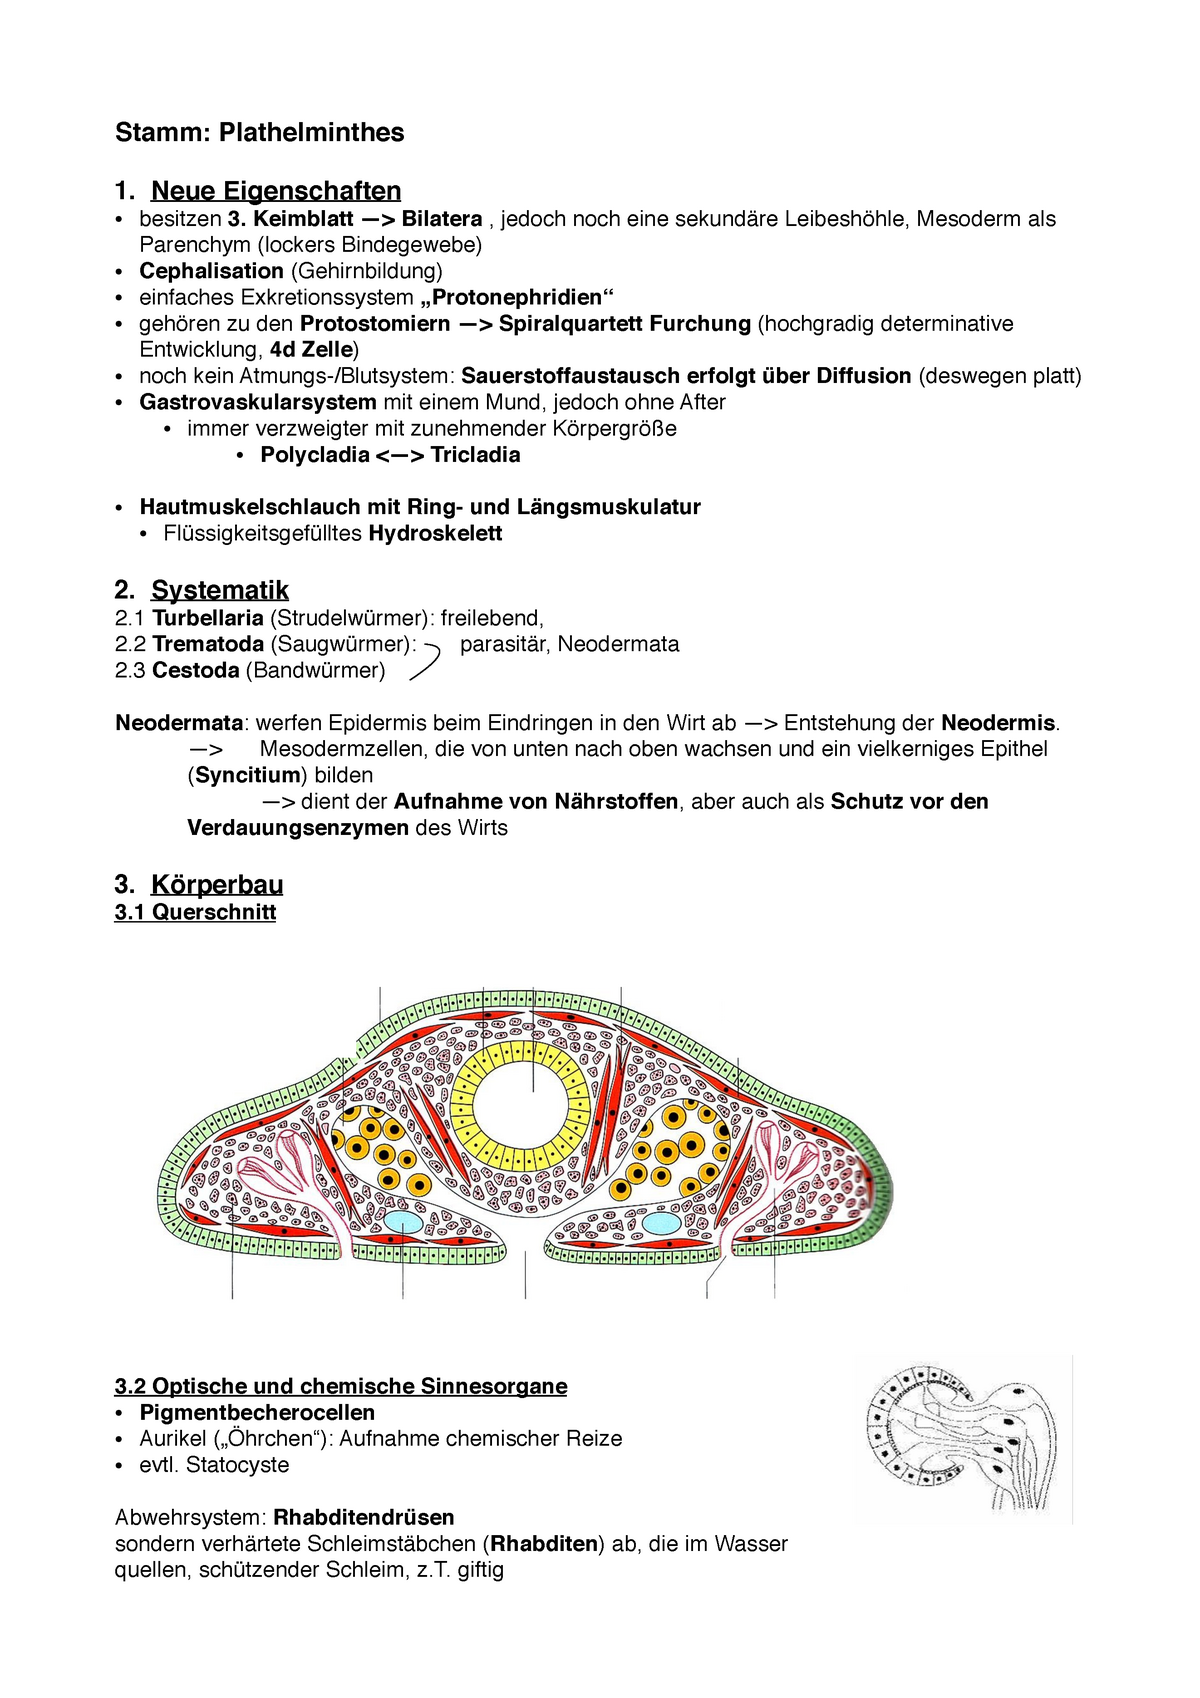 ultrahang mell papilloma